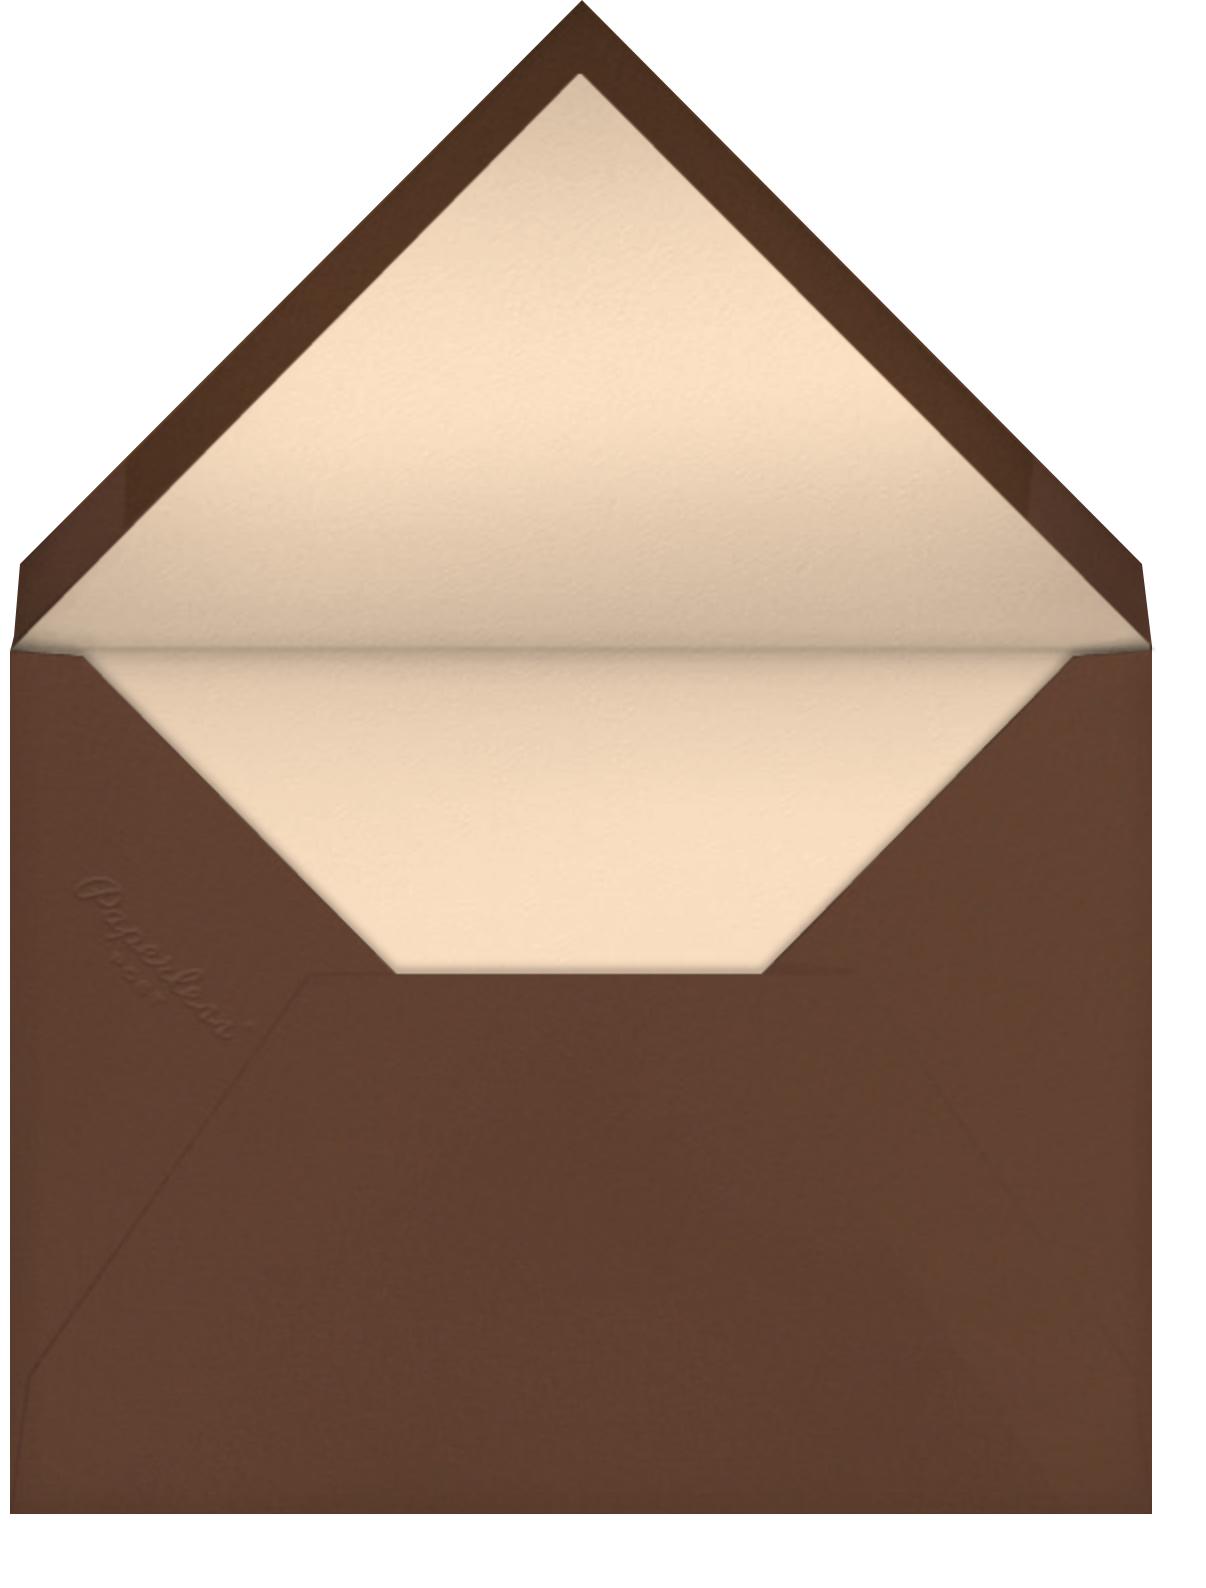 Oblong (Dark Tan) - Paperless Post - Envelope